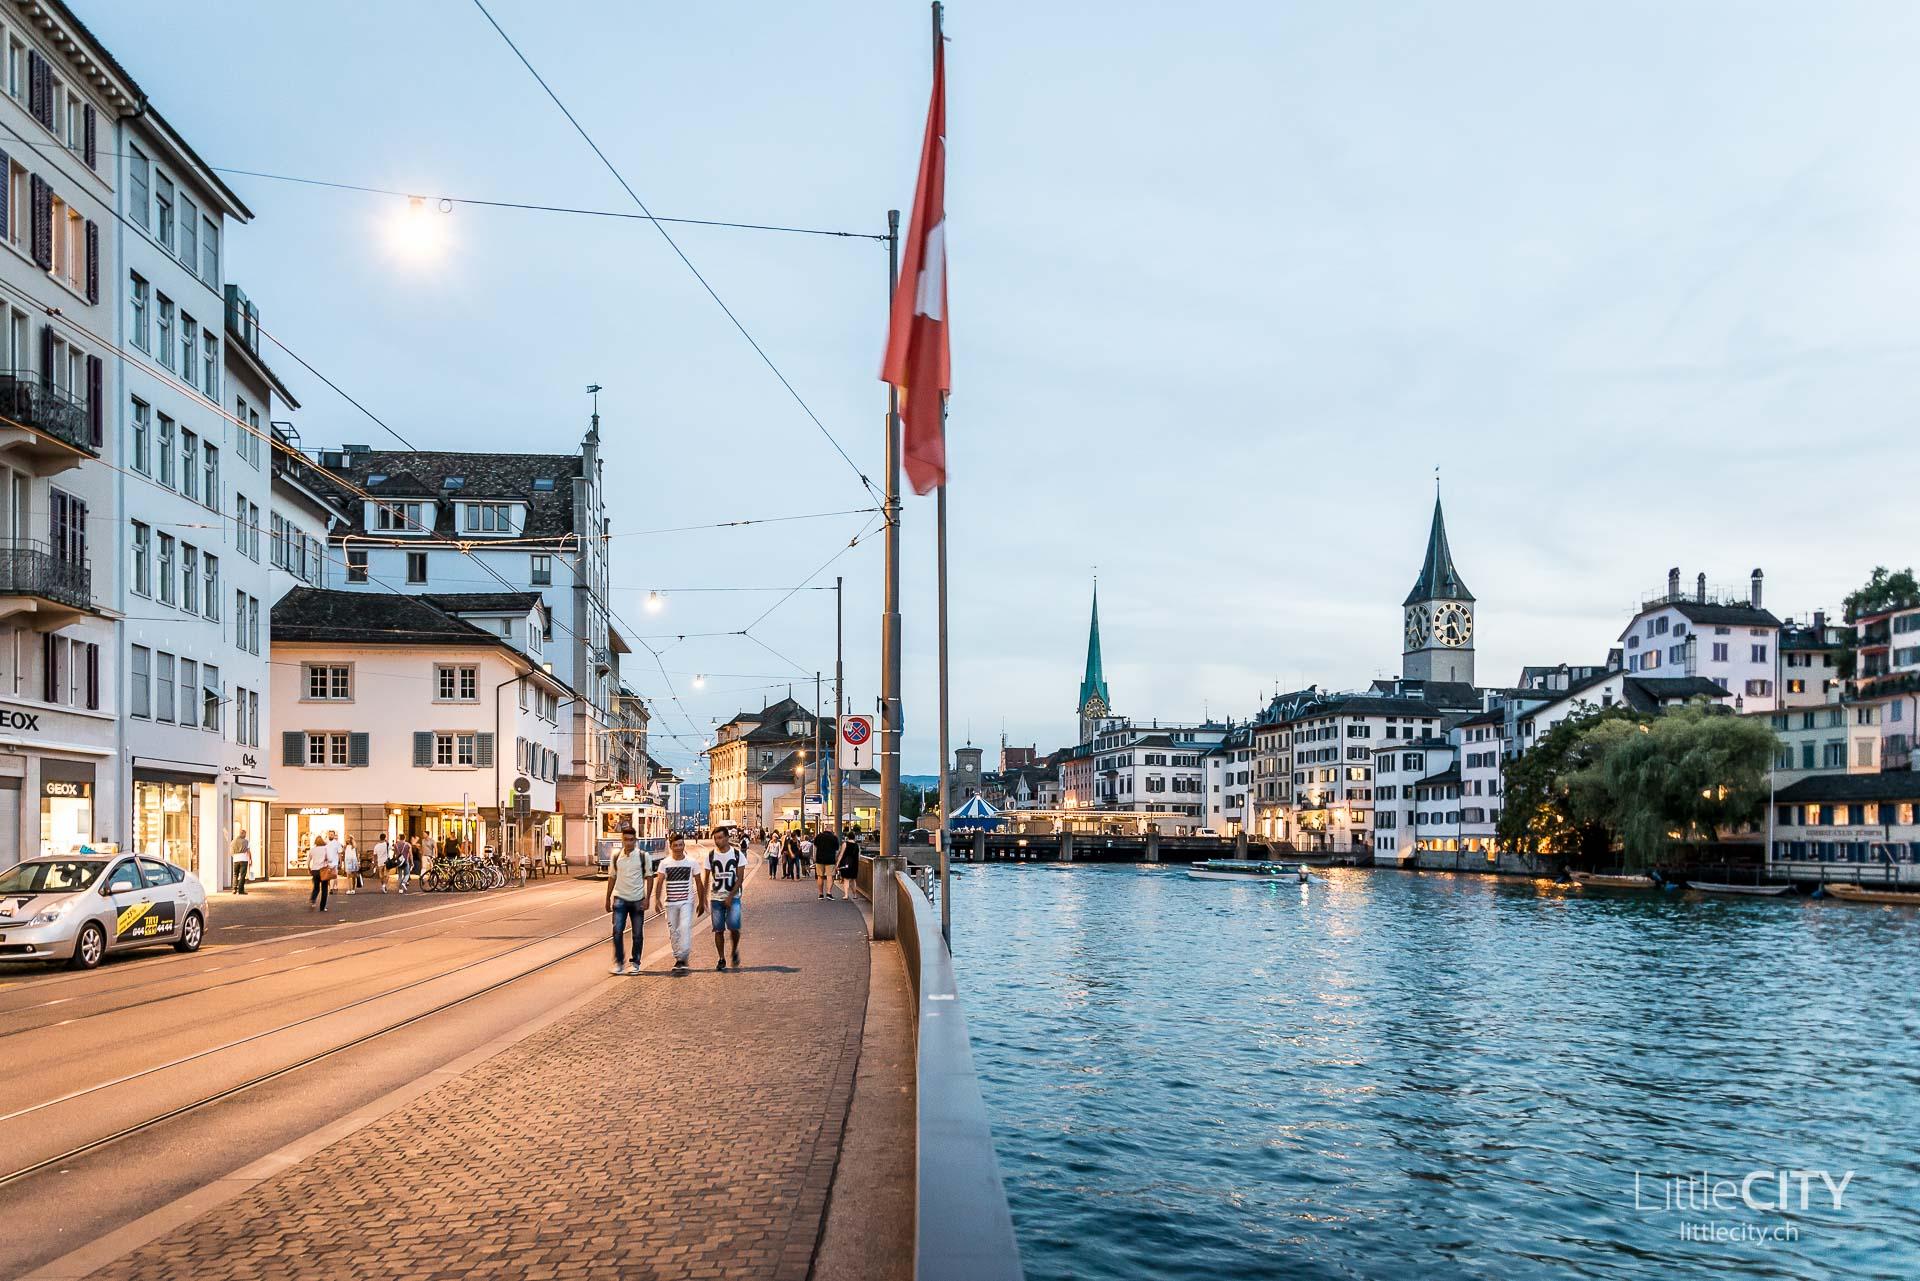 Zürich Sehenswürdigkeiten Limmatquai